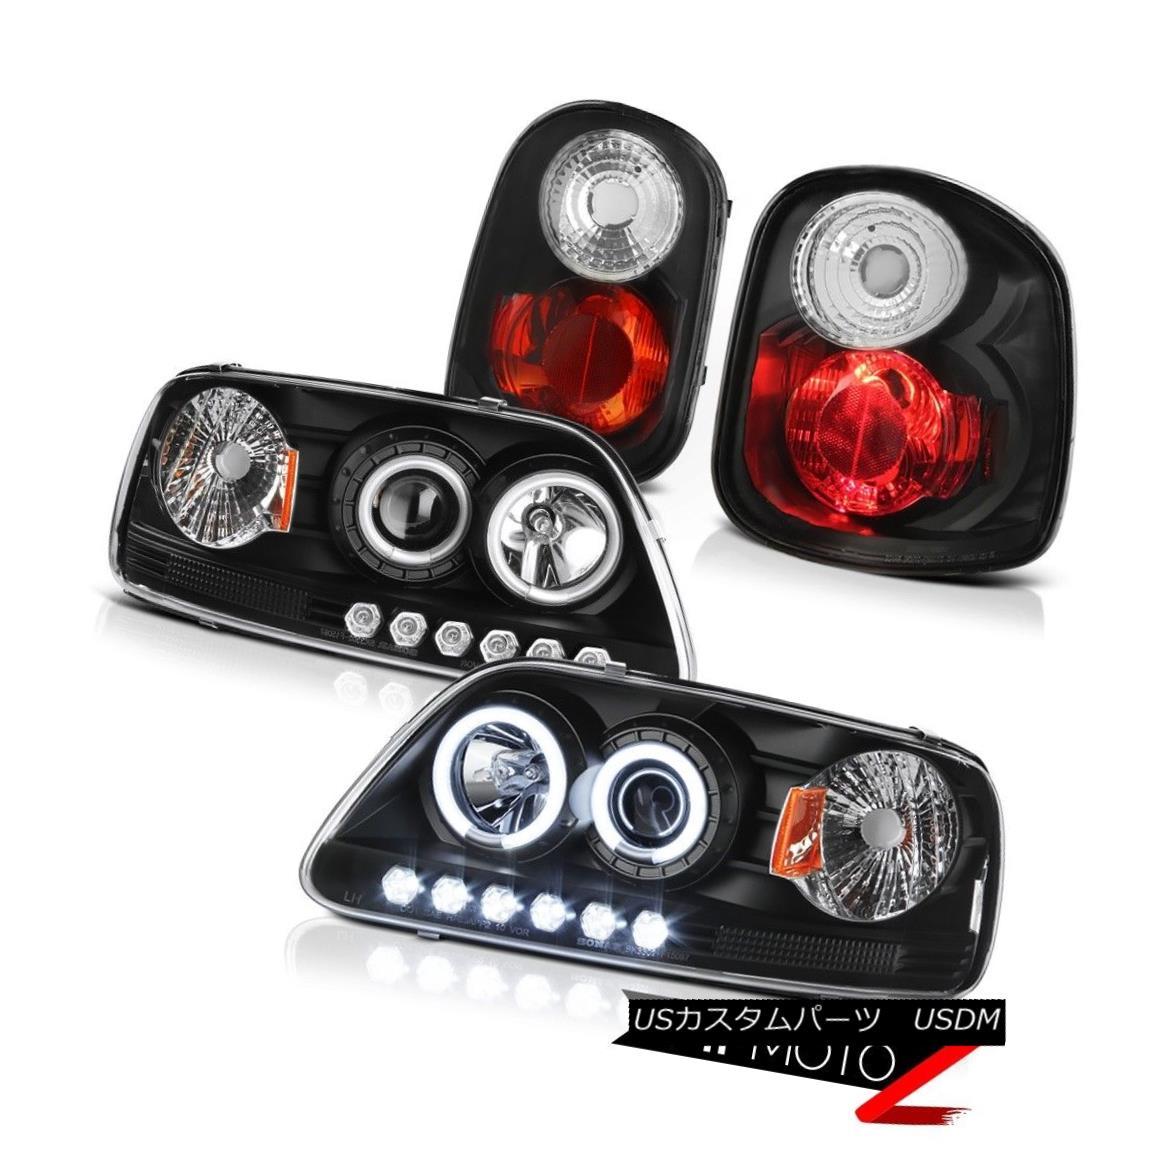 ヘッドライト Fluorescence Halo Headlight Signal Tail light Black 2001-2003 F150 Flareside XL 蛍光ハローヘッドライト信号テールライトブラック2001-2003 F150 Flareside XL